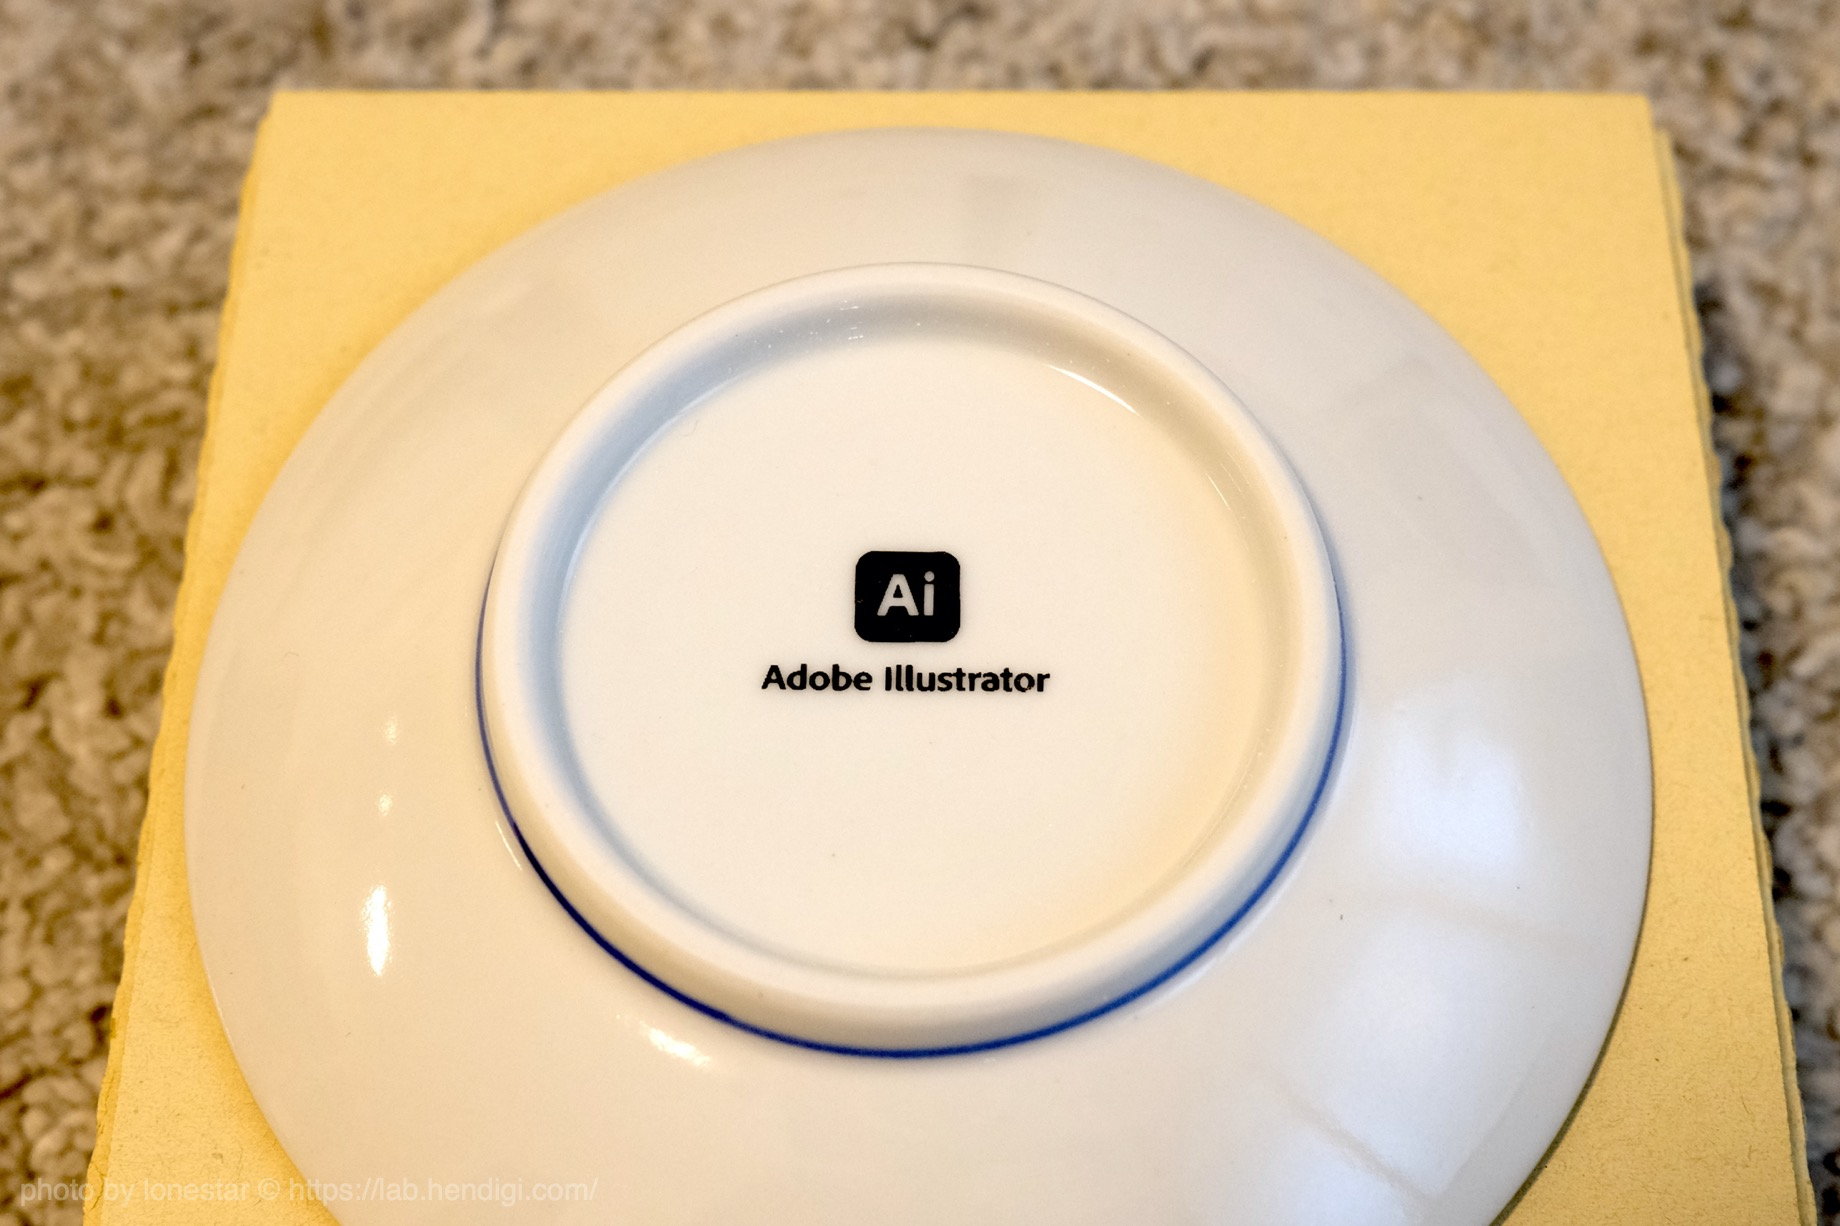 九谷焼 丸皿 イラストレーター